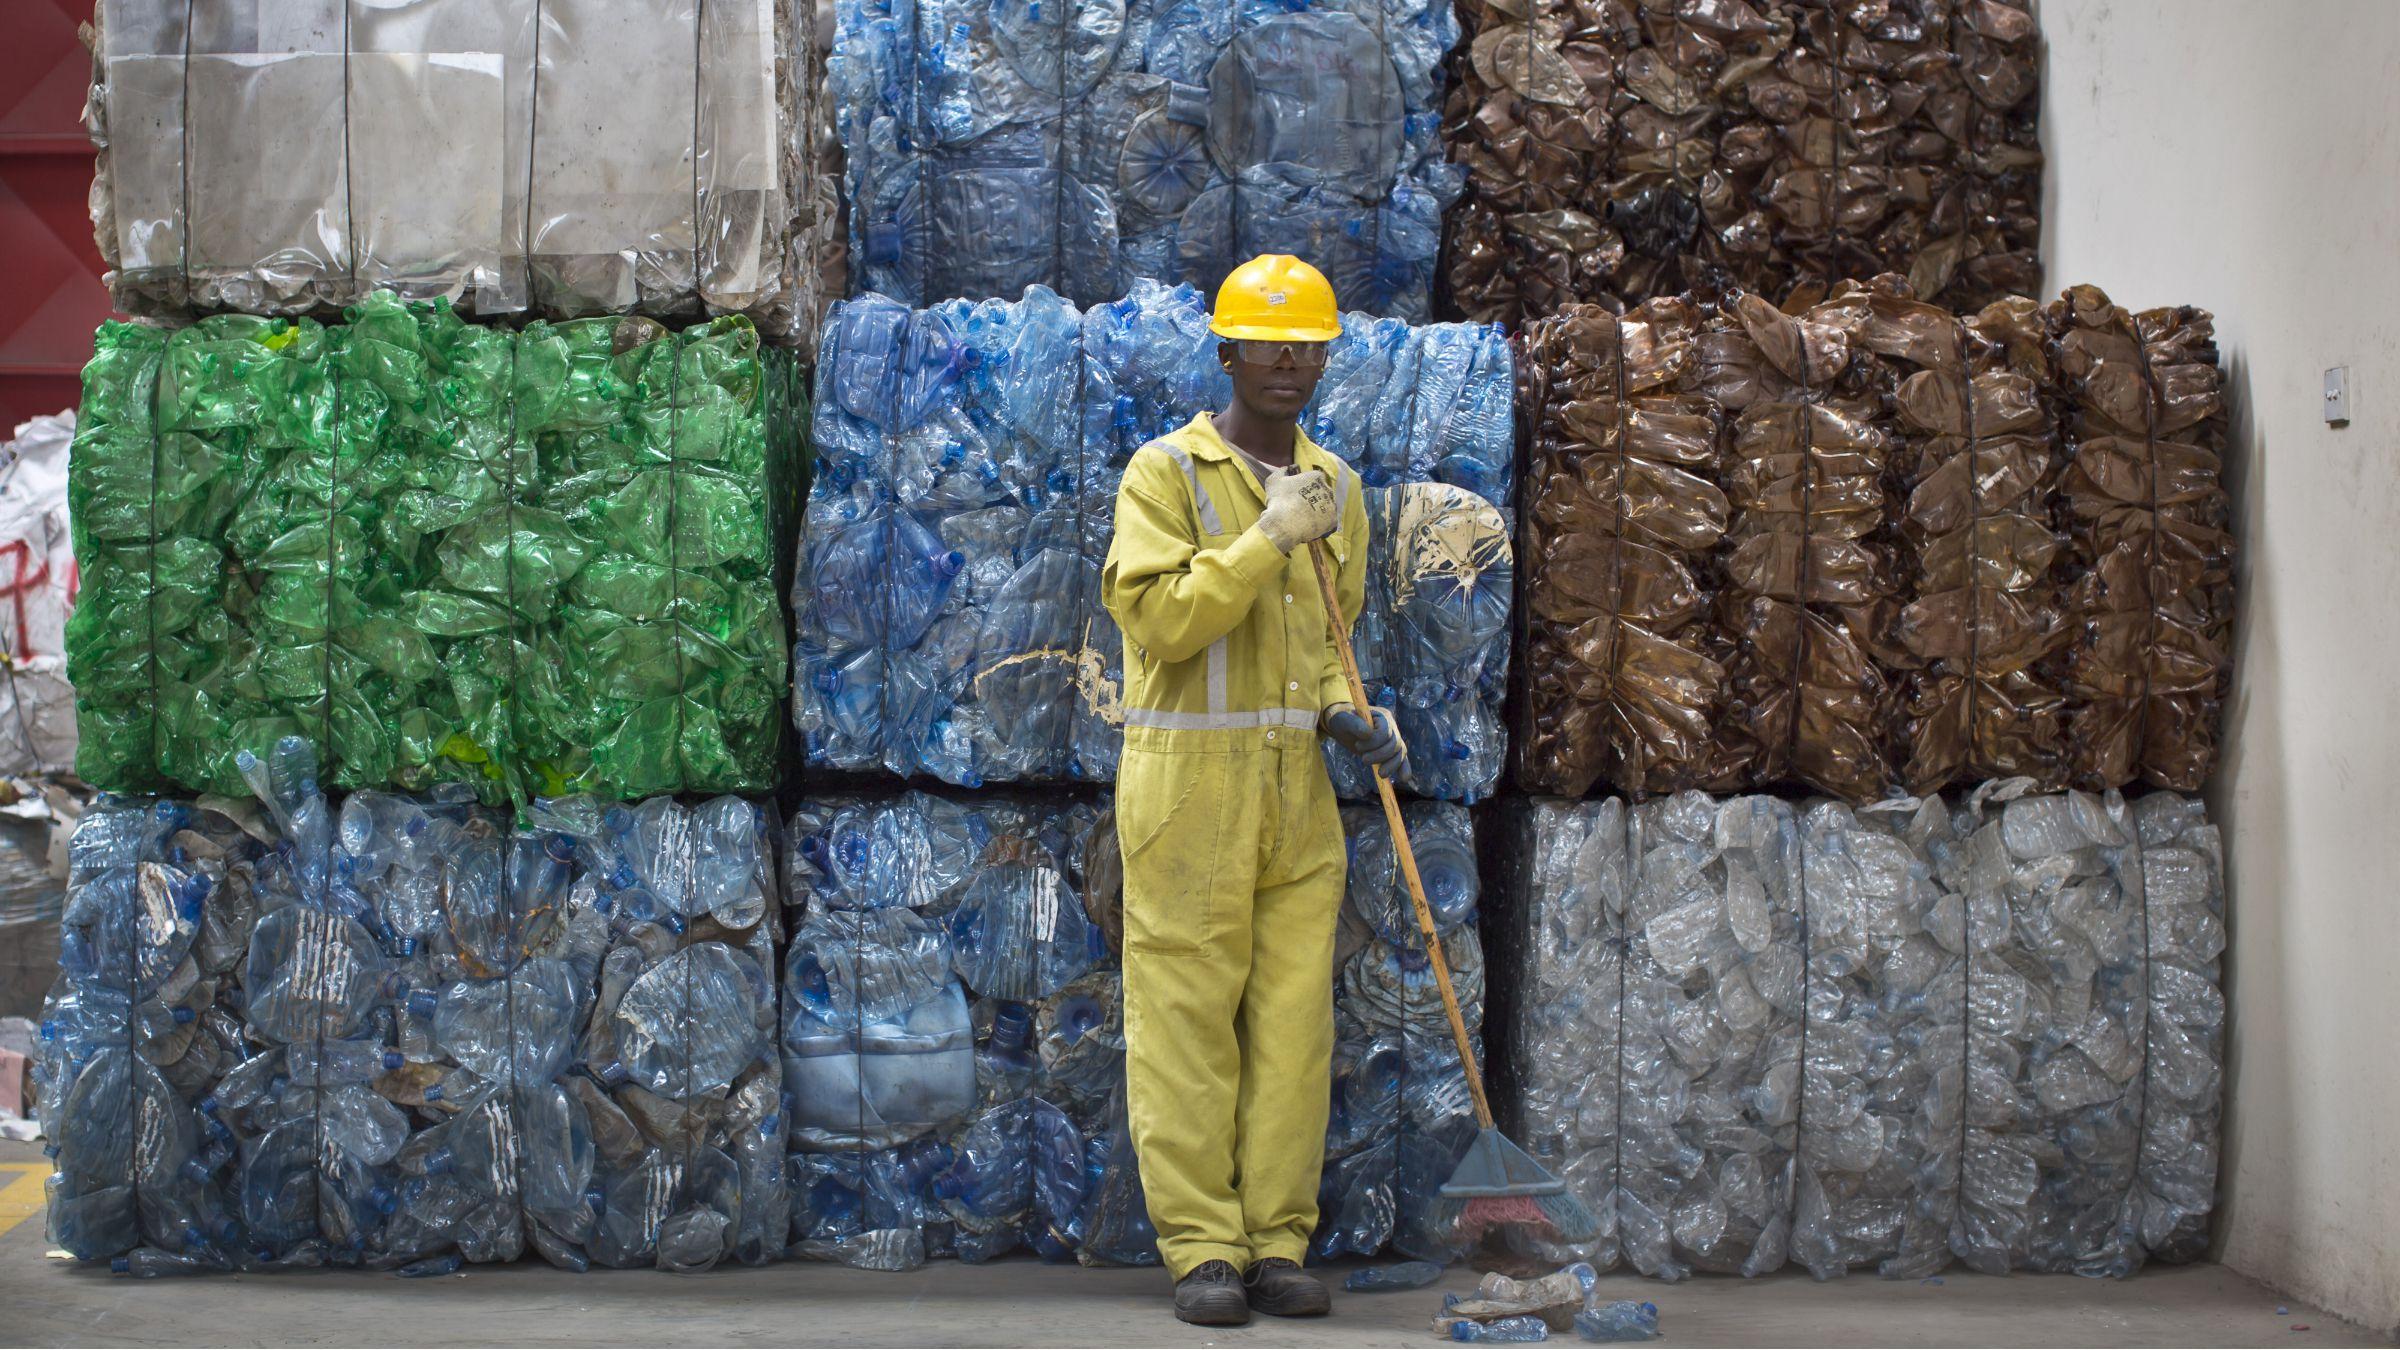 Bundles of plastic waste in Kenya